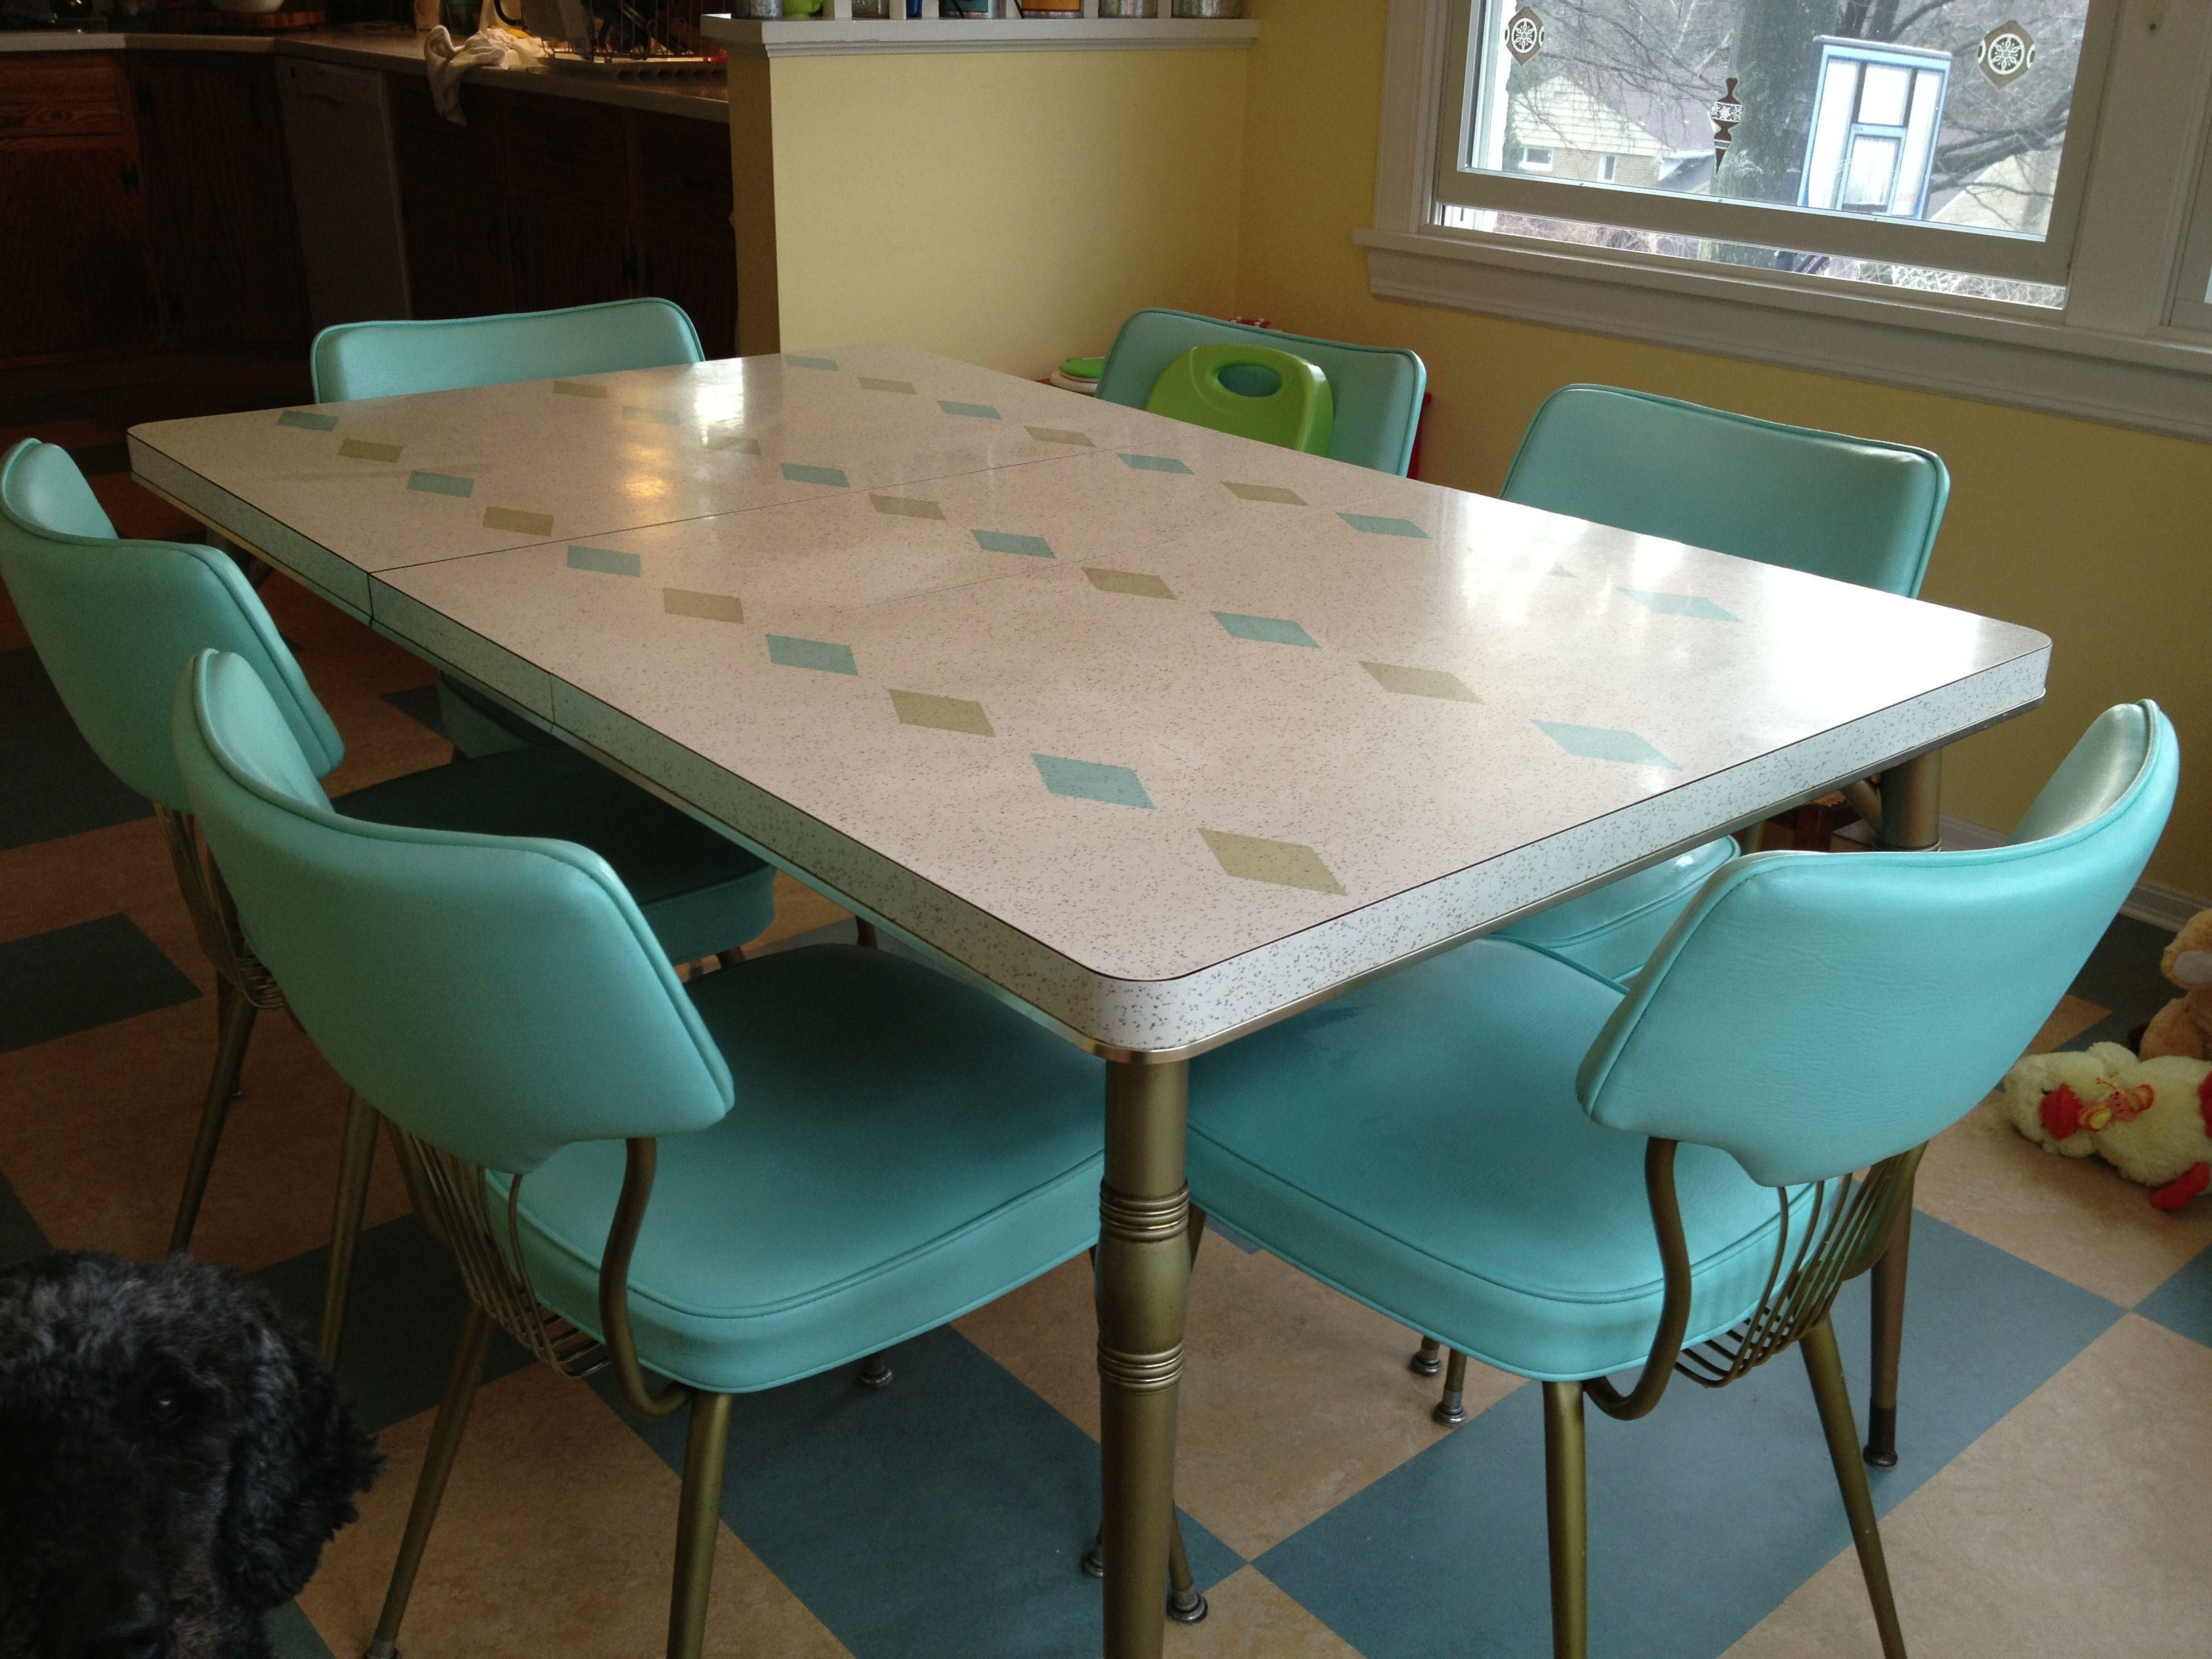 217 vintage dinette sets in reader kitchens turquoise for Teal kitchen table